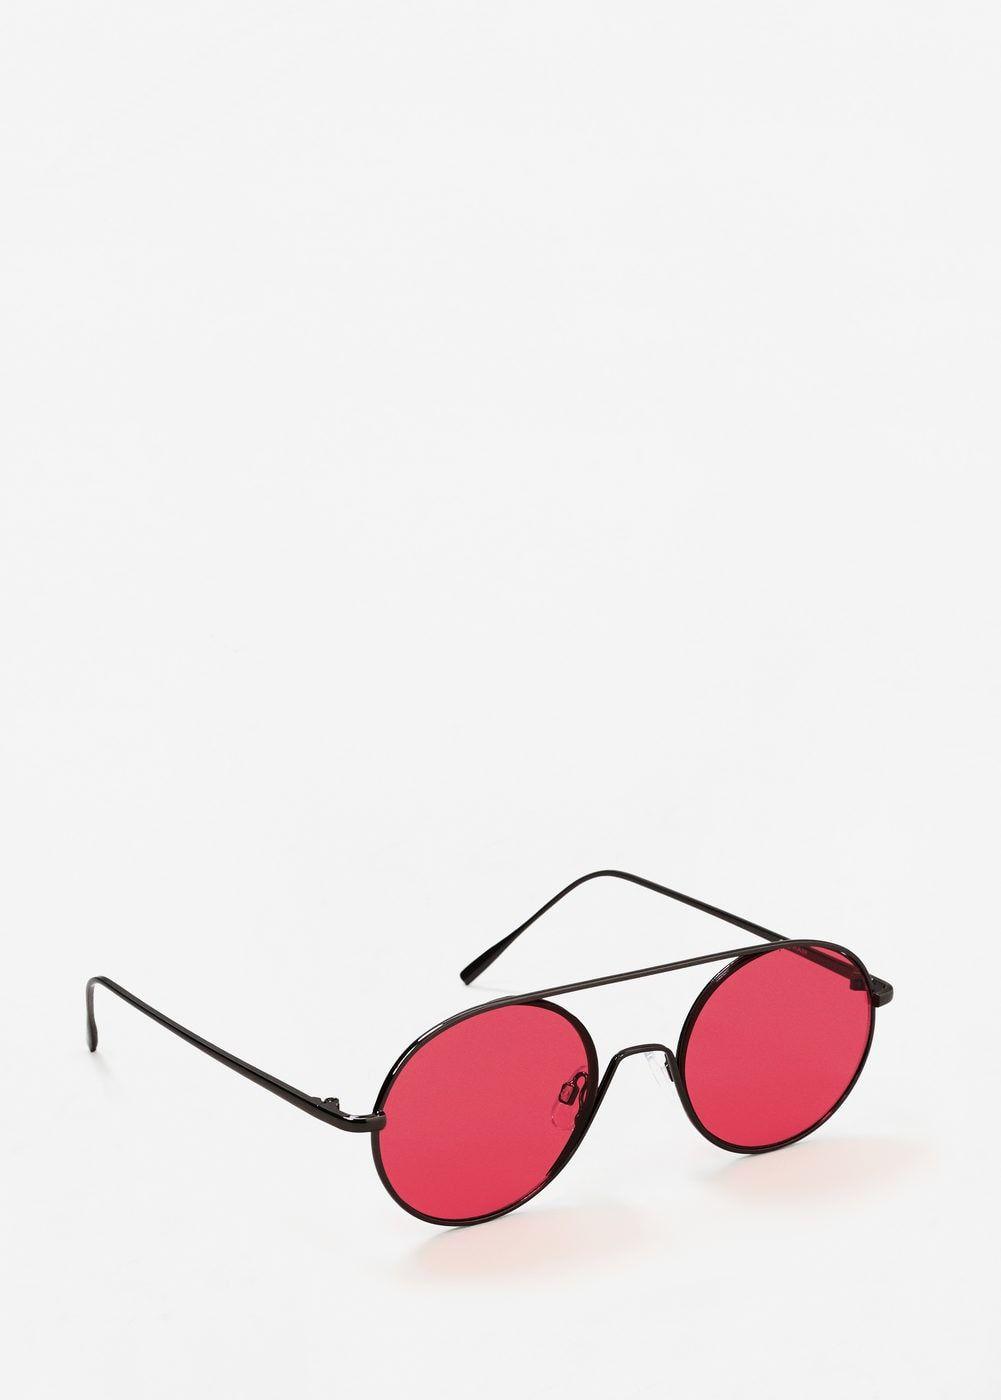 Gafas de sol metálicas - Mujer | Gafas de sol de mujeres, Gafas de ...